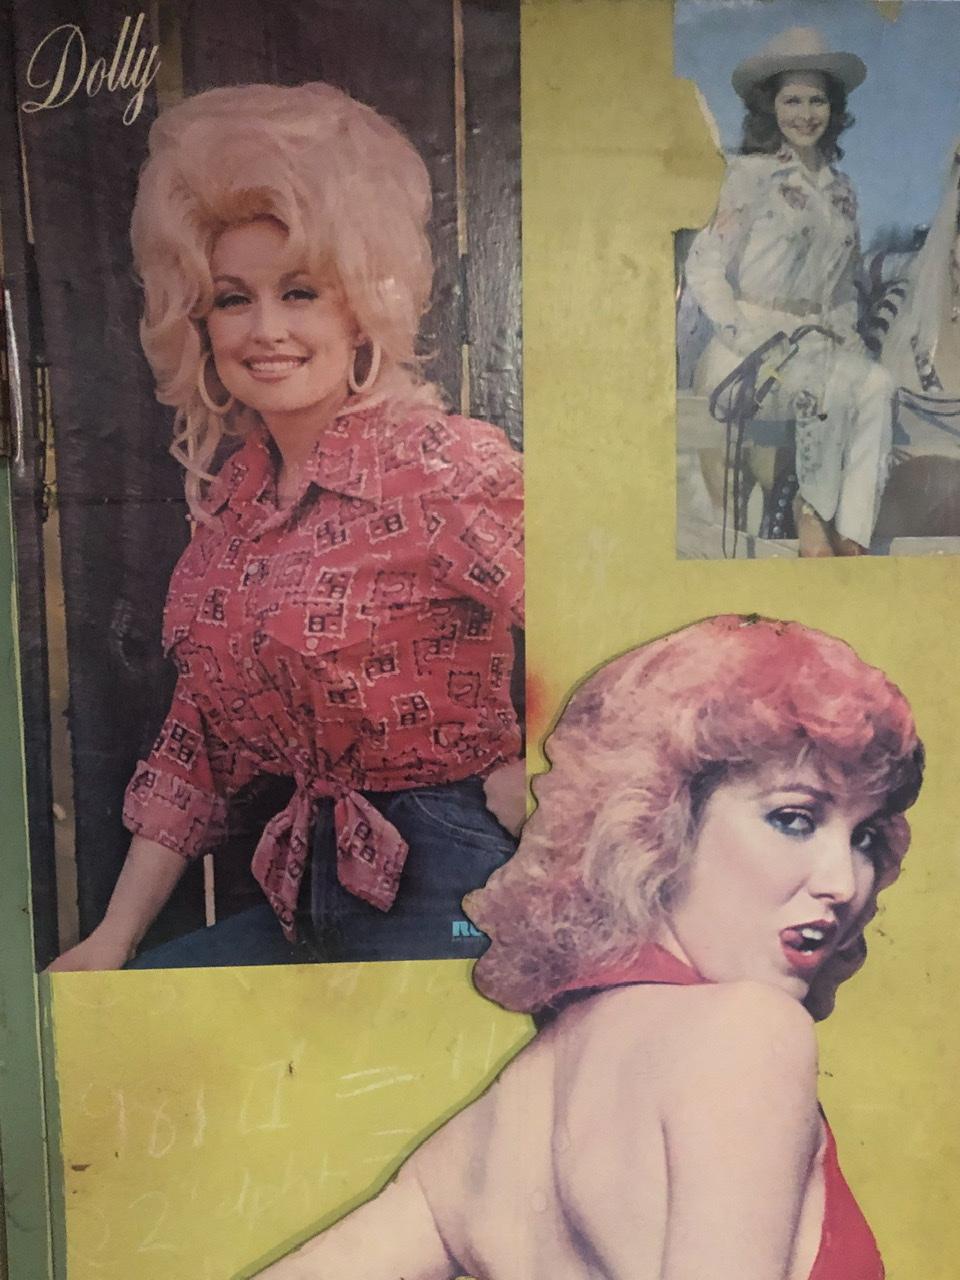 Dolly's Birthday Today. Happy Birthday Dolly!